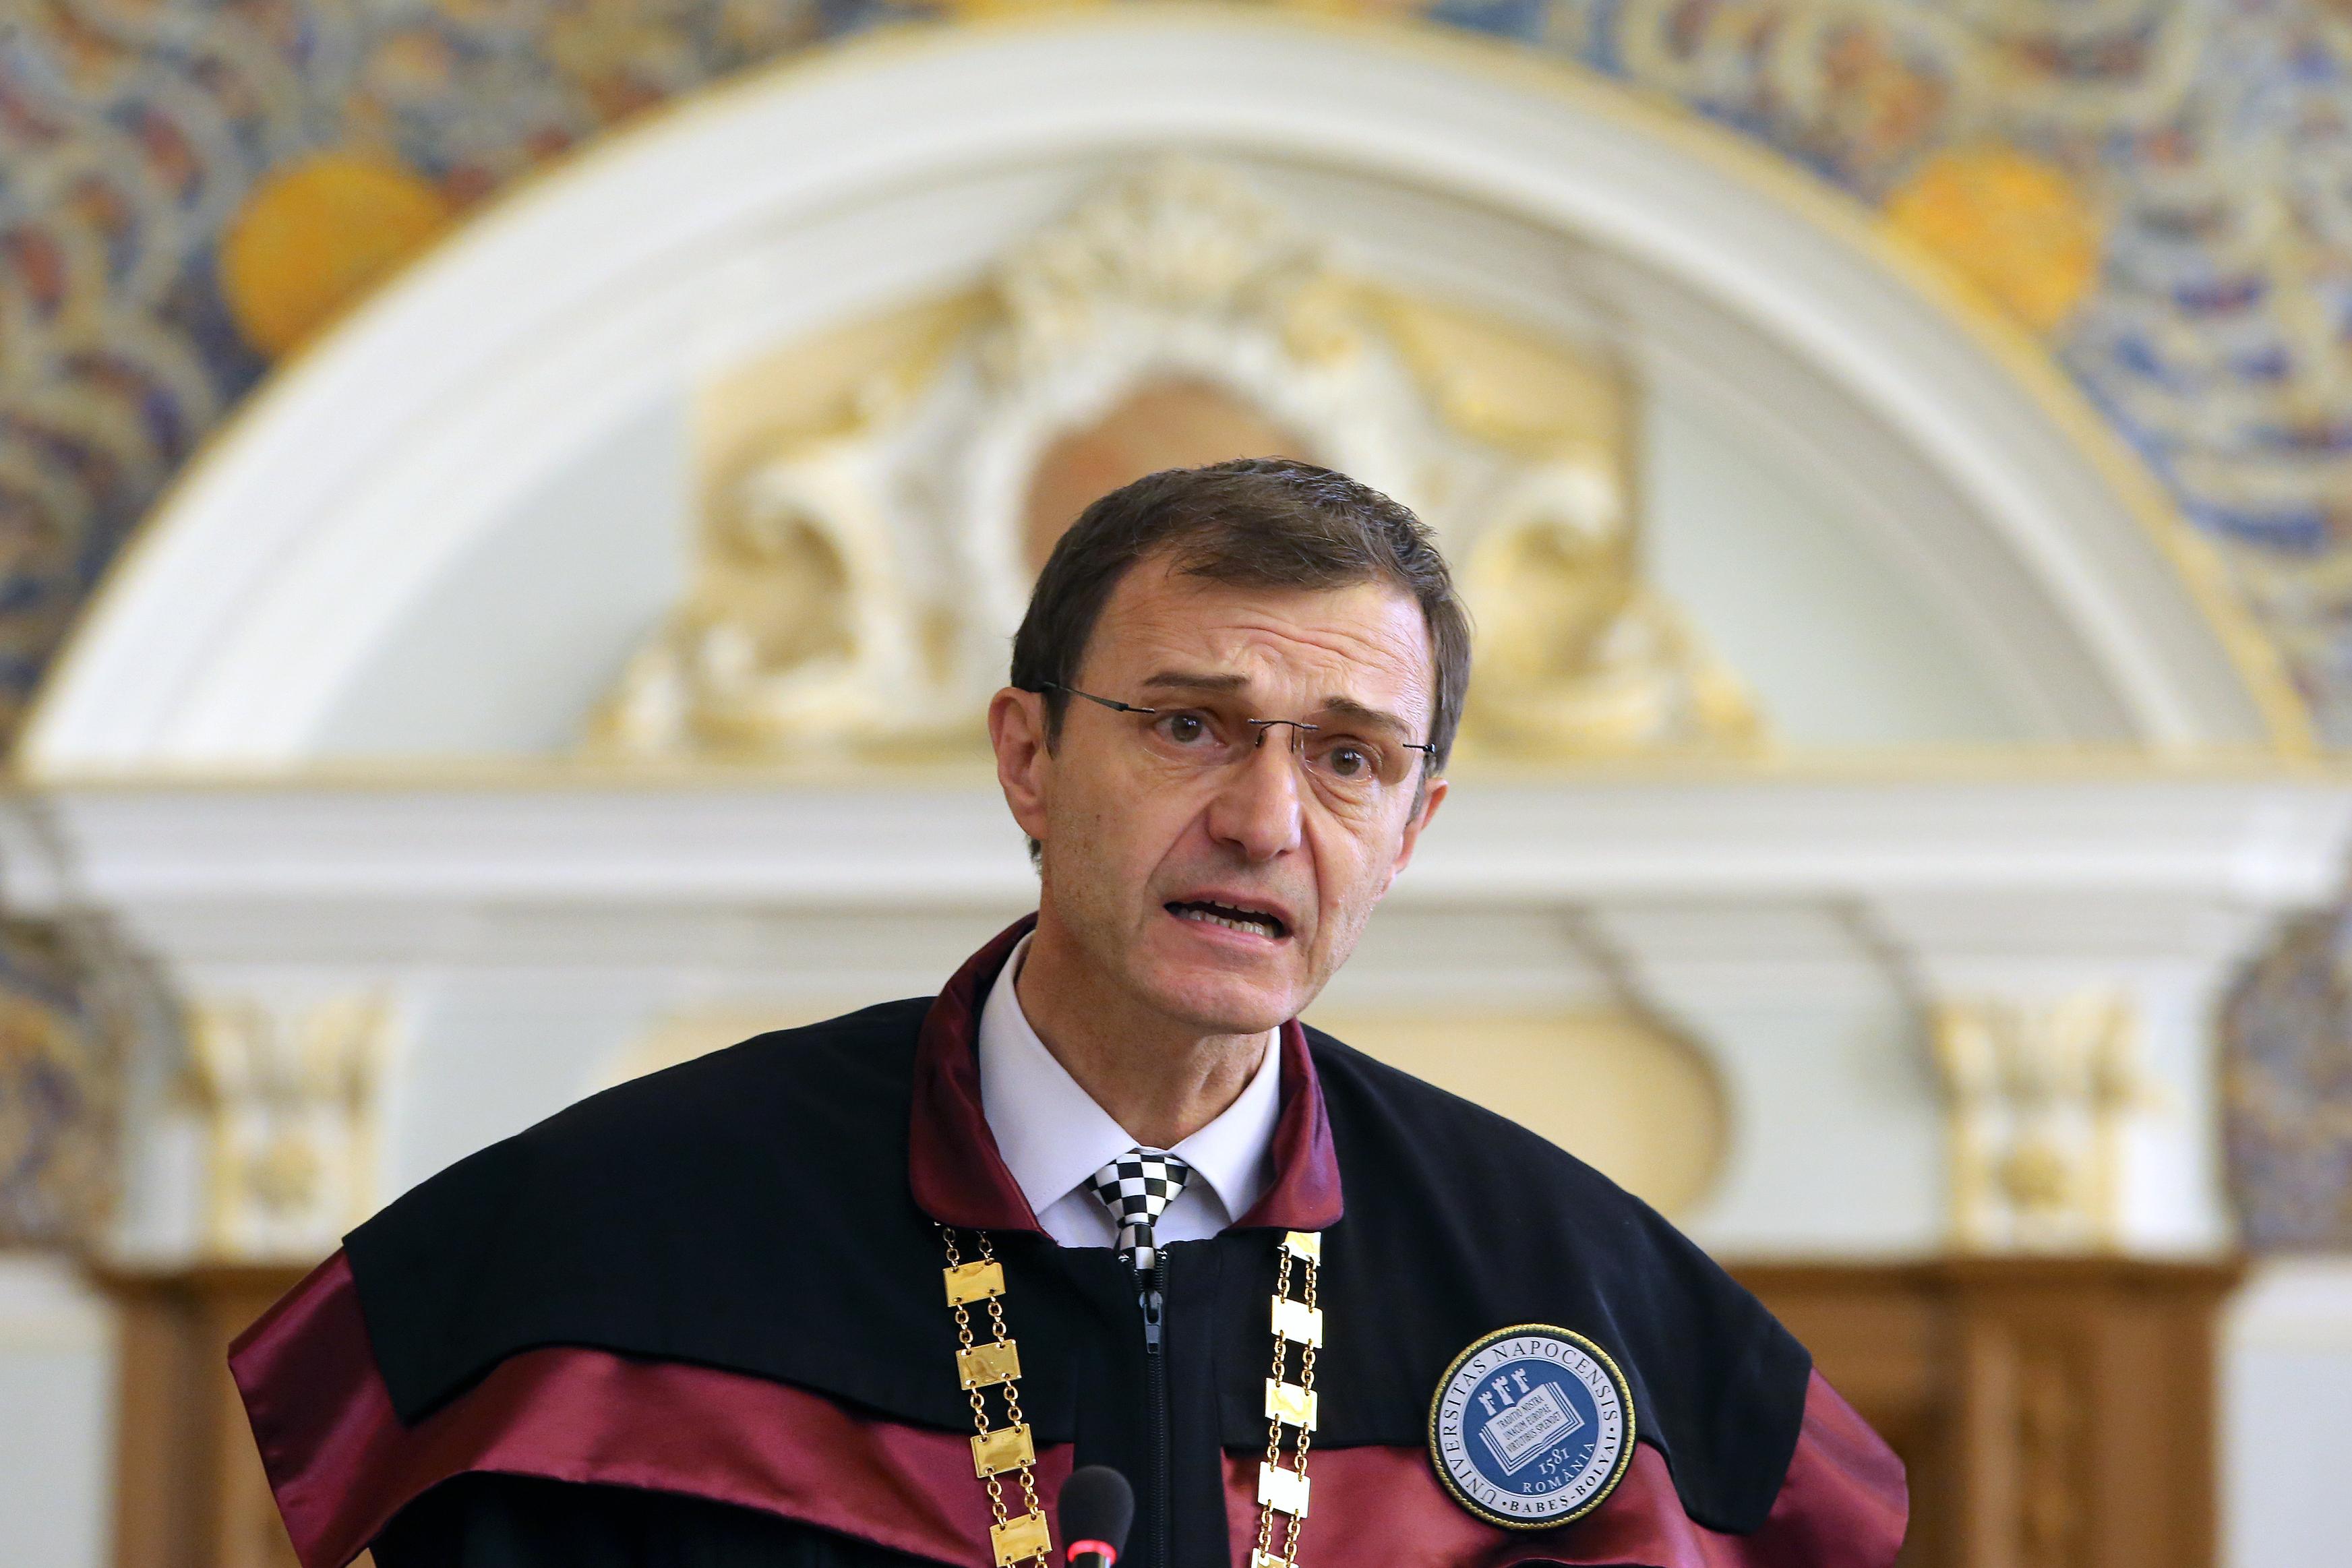 Scrisoarea rectorilor, CONTESTATĂ. Ioan Aurel Pop, de la Universitatea `Babeş-Bolyai`, nu a semnat scrisoarea de susţinere a lui Valentin Popa, deşi numele său era menţionat în document